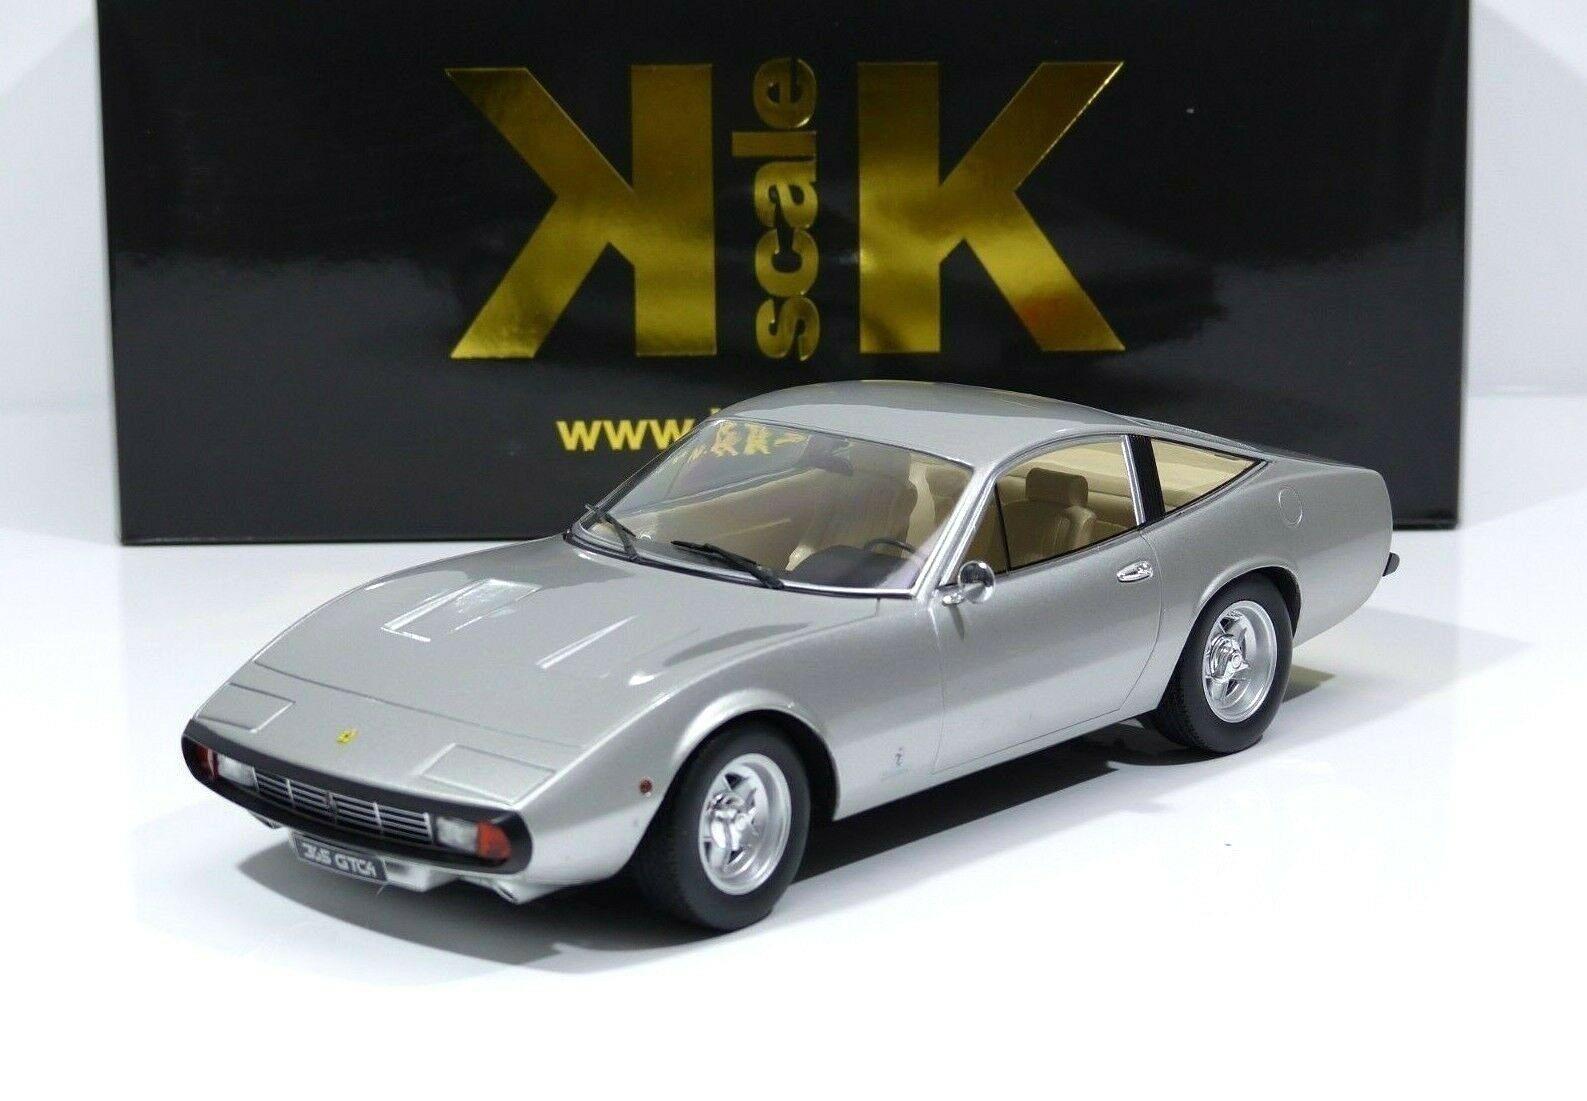 FERRARI 365 gtc 4 anno 1971 plataO KK-scale kkdc 180283 1 18 Nuovo Scatola Originale